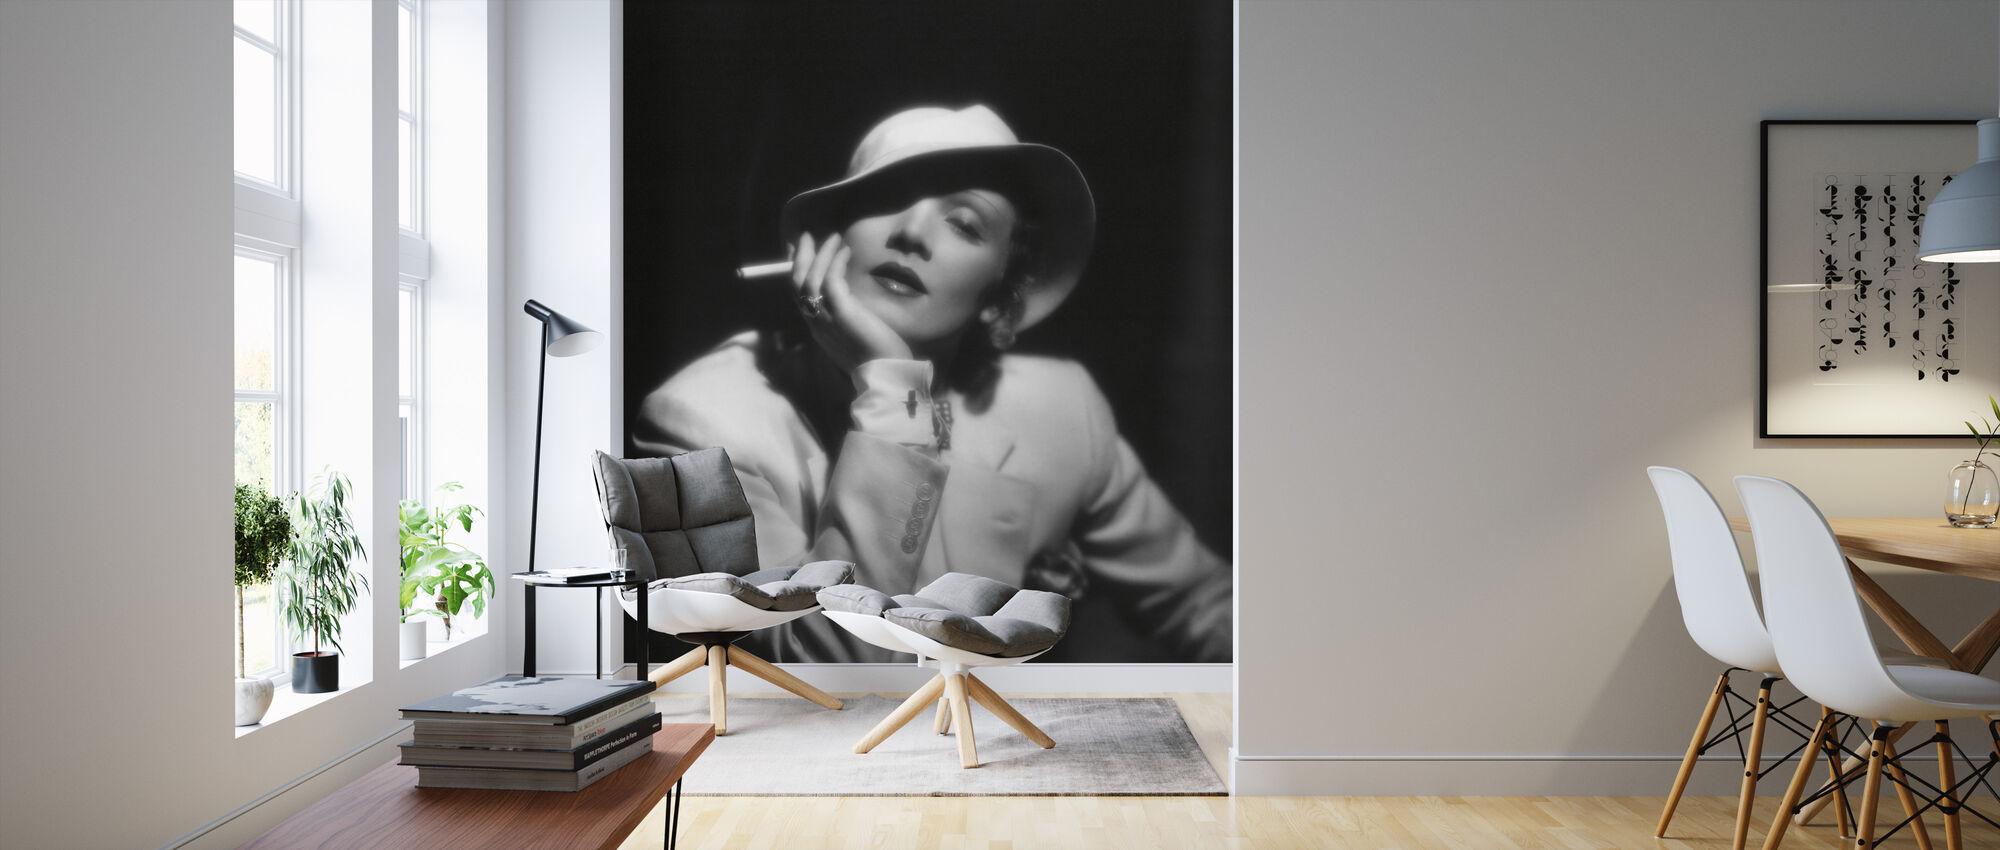 Devils is a Woman - Marlene Dietrich - Wallpaper - Living Room